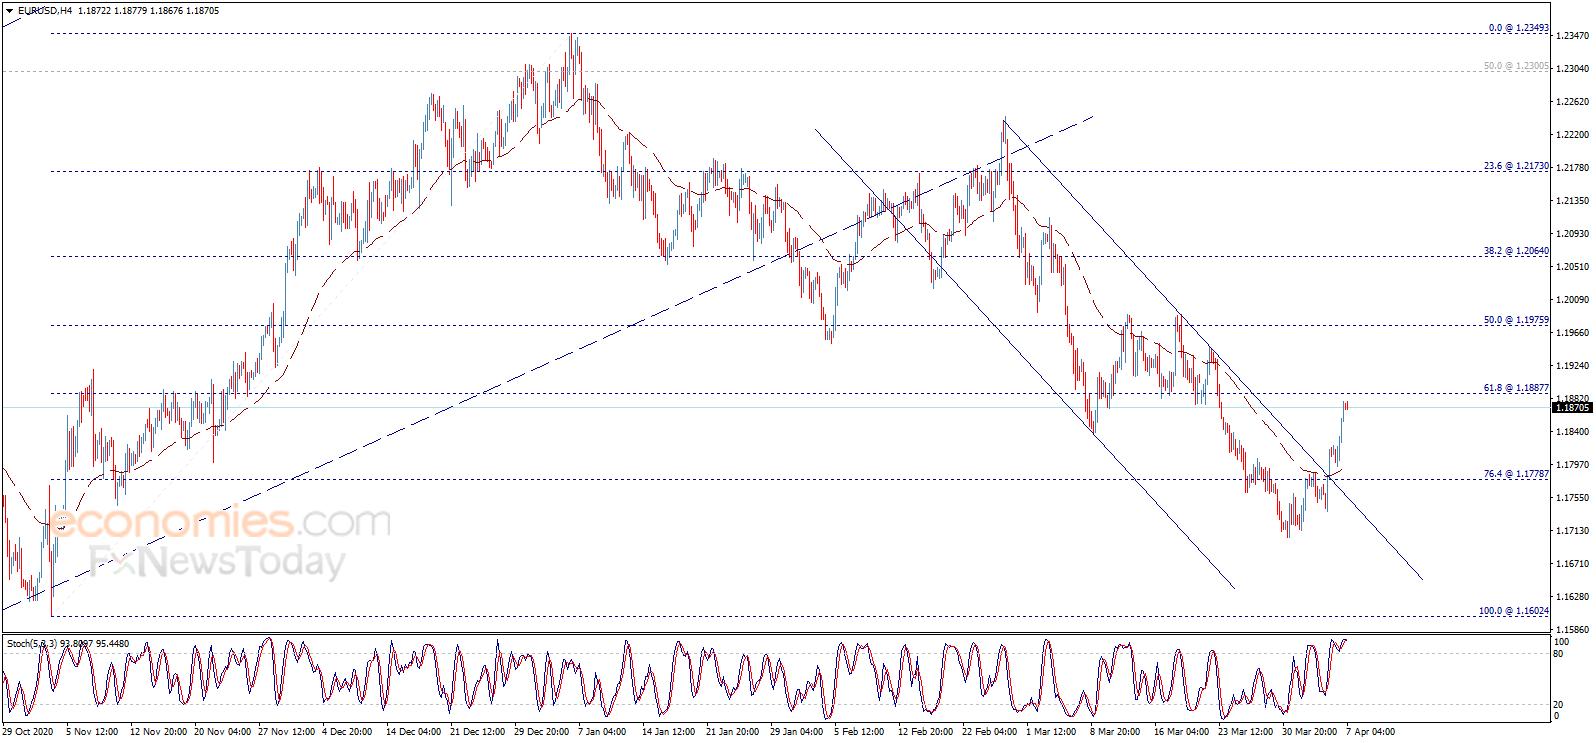 美联储纪要恐引发市场剧烈波动 黄金、欧元等最新日内交易分析